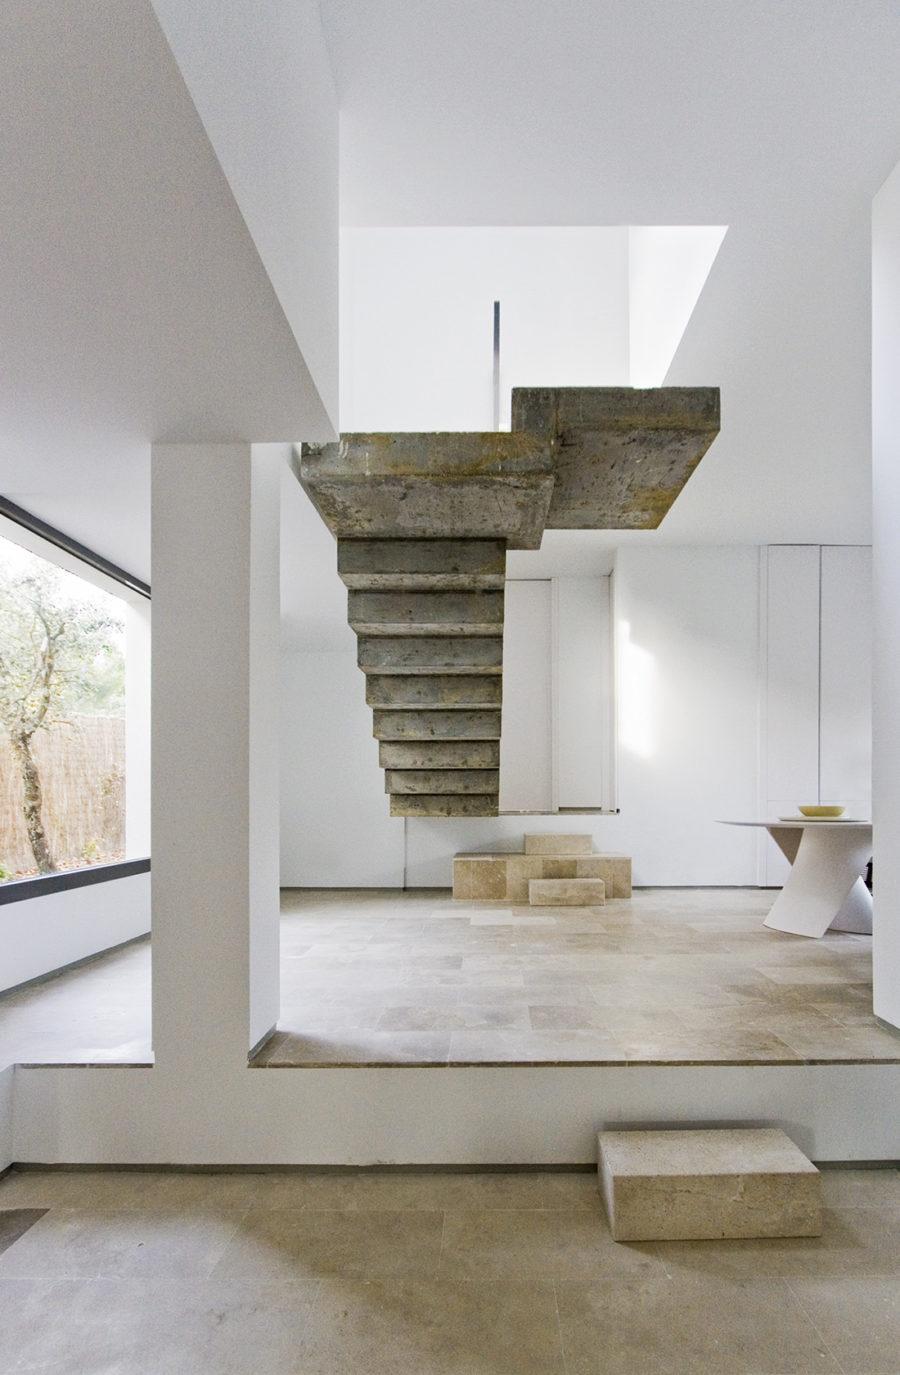 Casa c 51 escalera 01